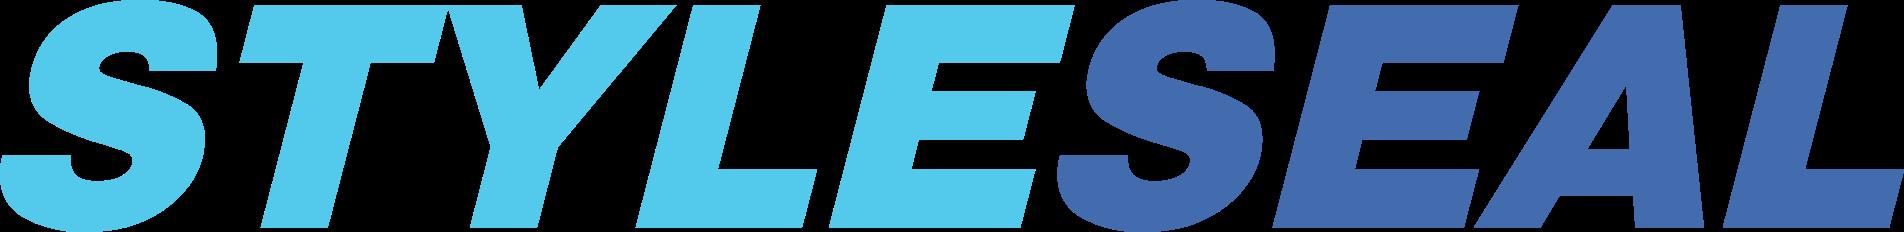 styleseal logo large